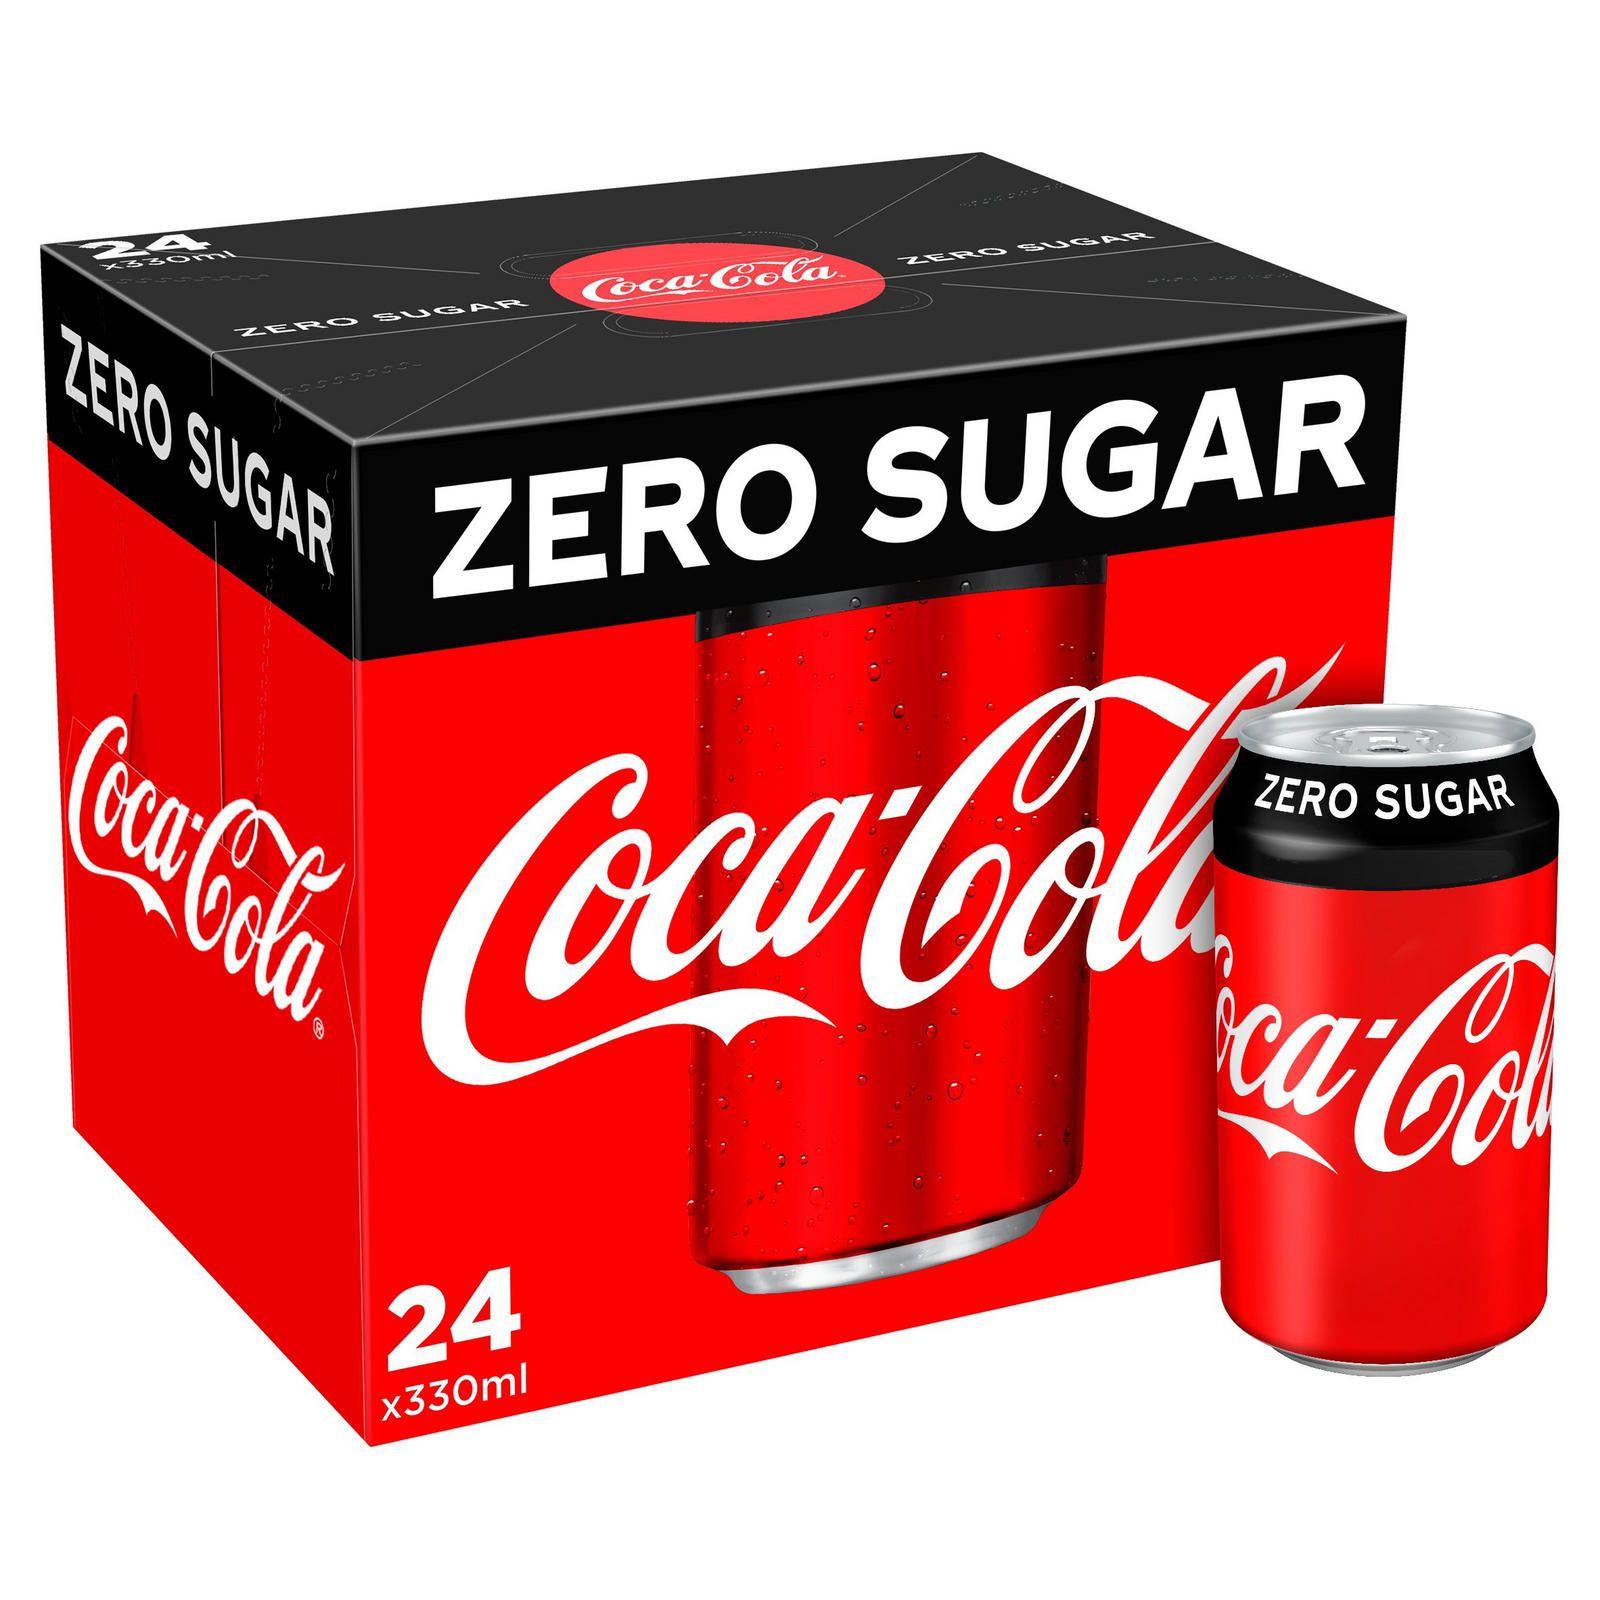 Coca-Cola Zero Sugar 24 x 330ml £6 @ Iceland